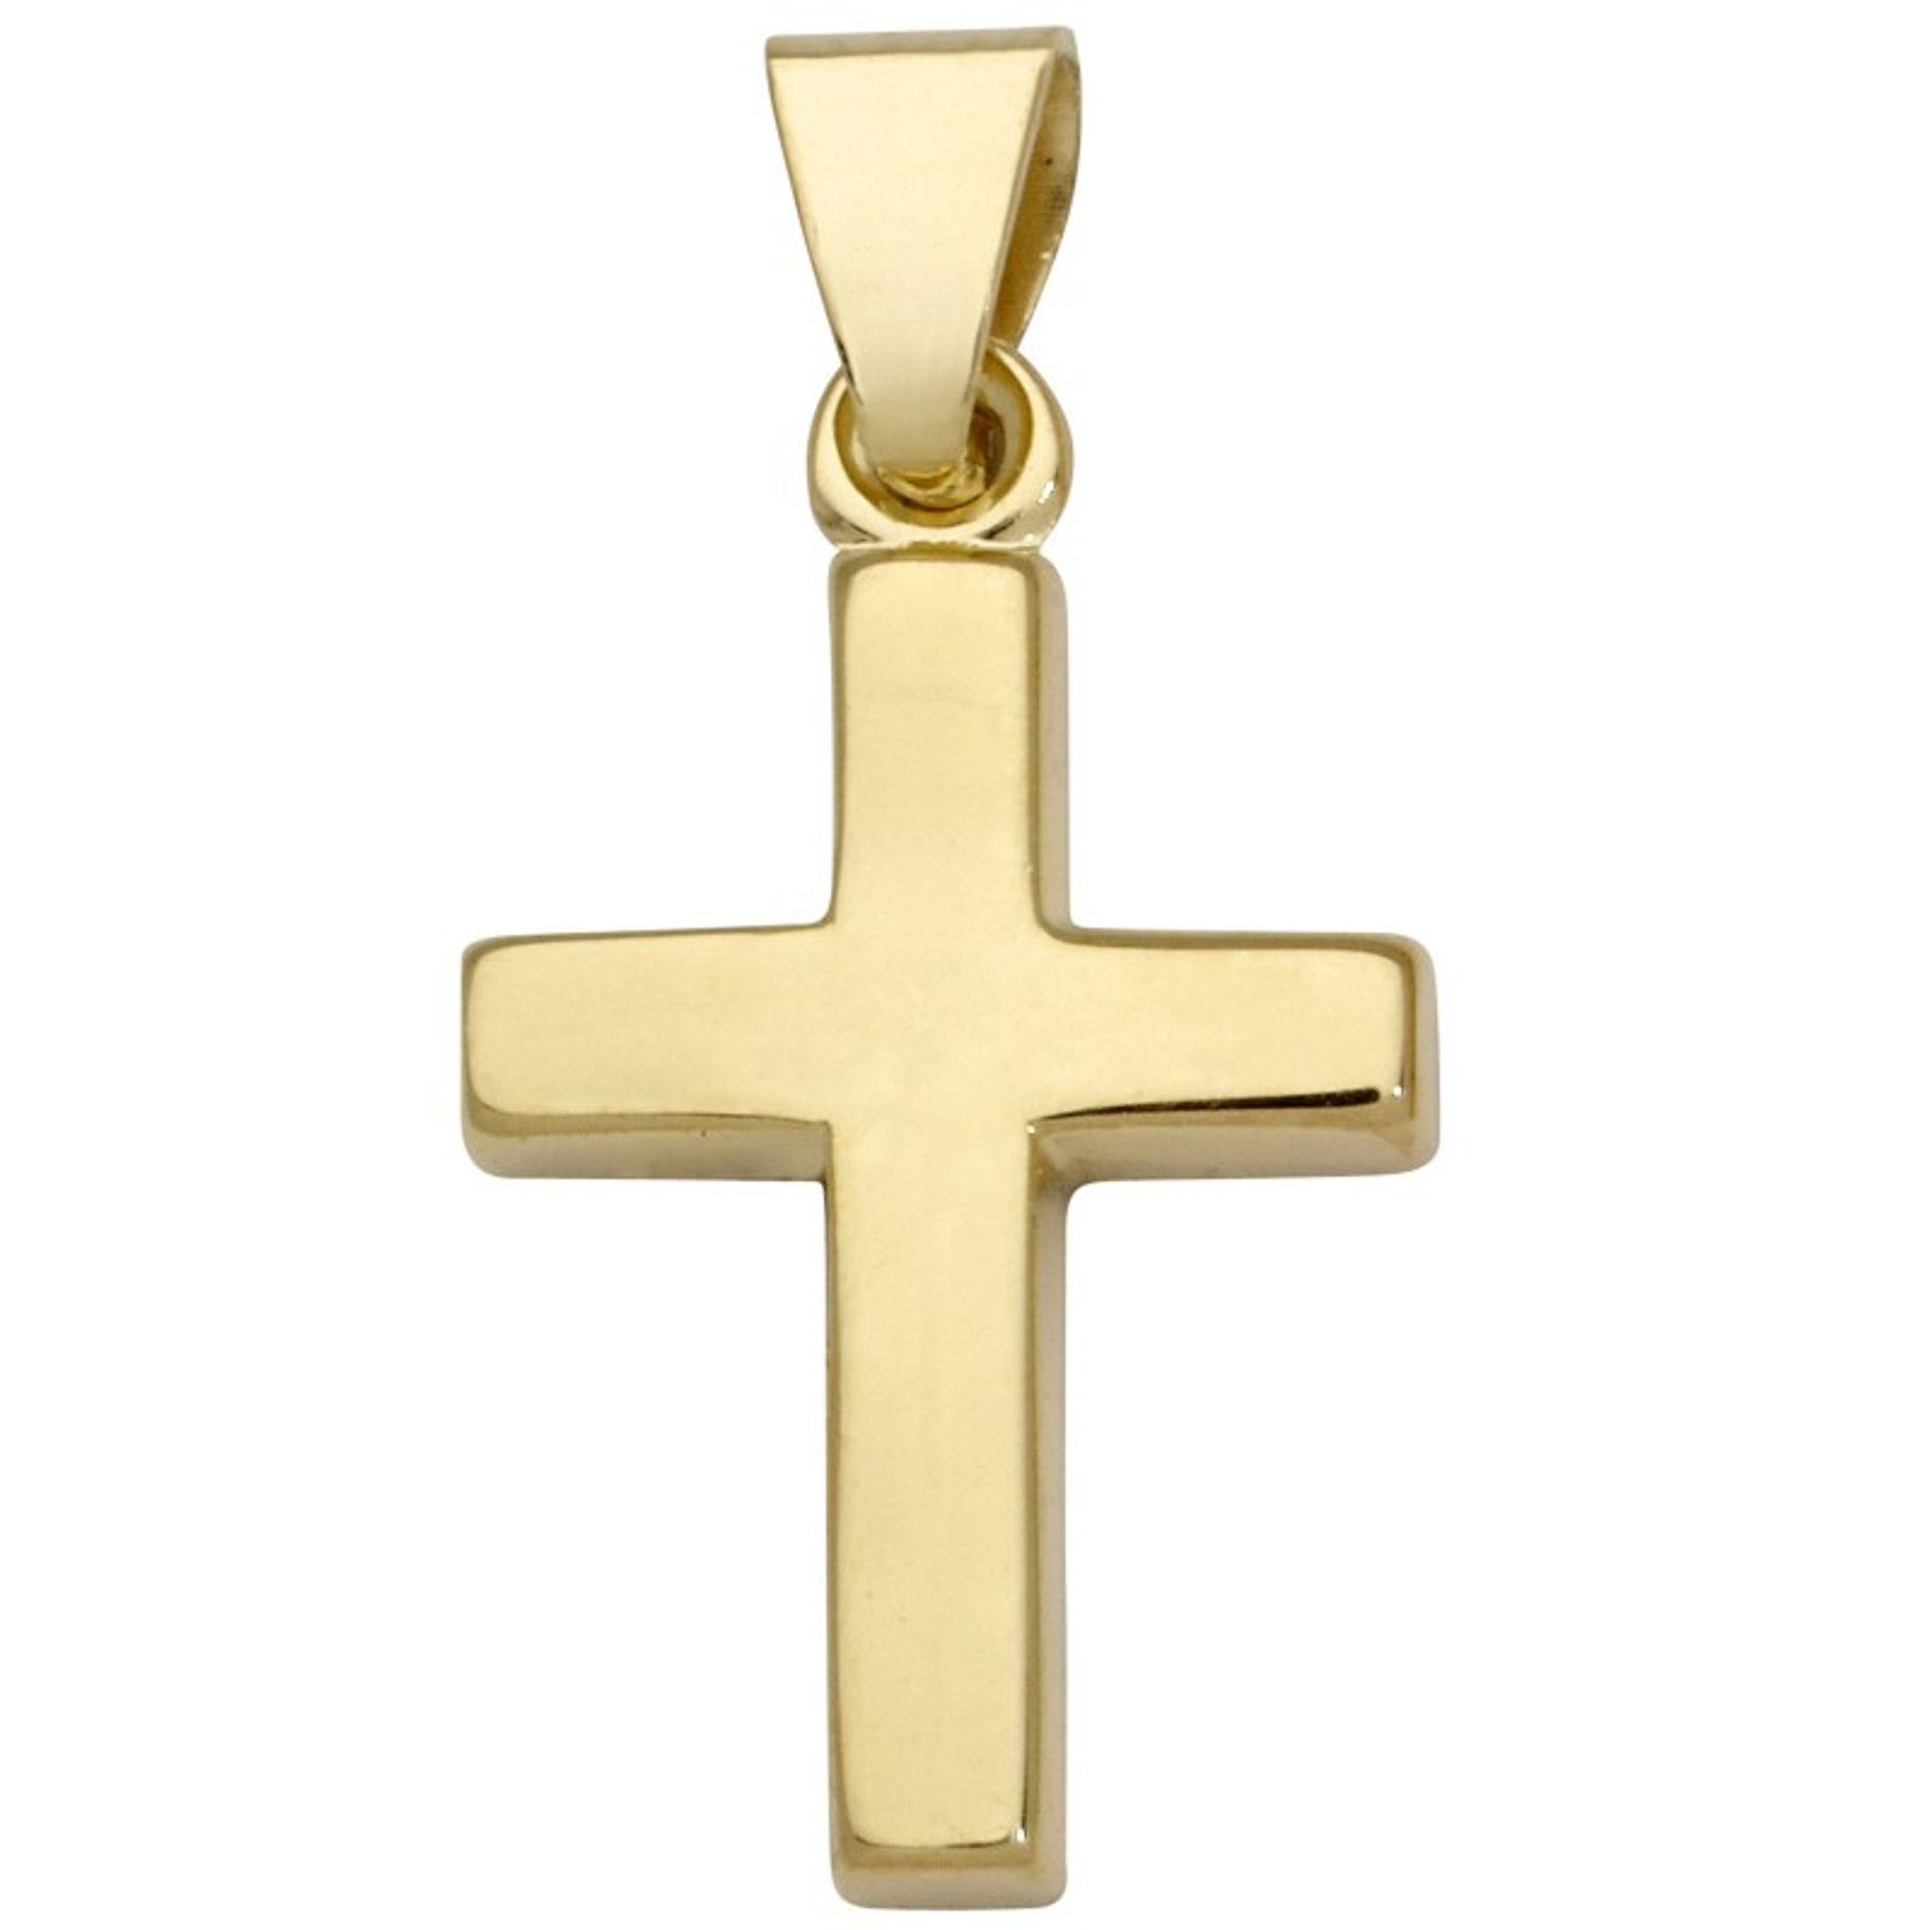 Basic Gold TG04 Kinder Anhänger Kreuz 14 Karat (585) Gelbgold